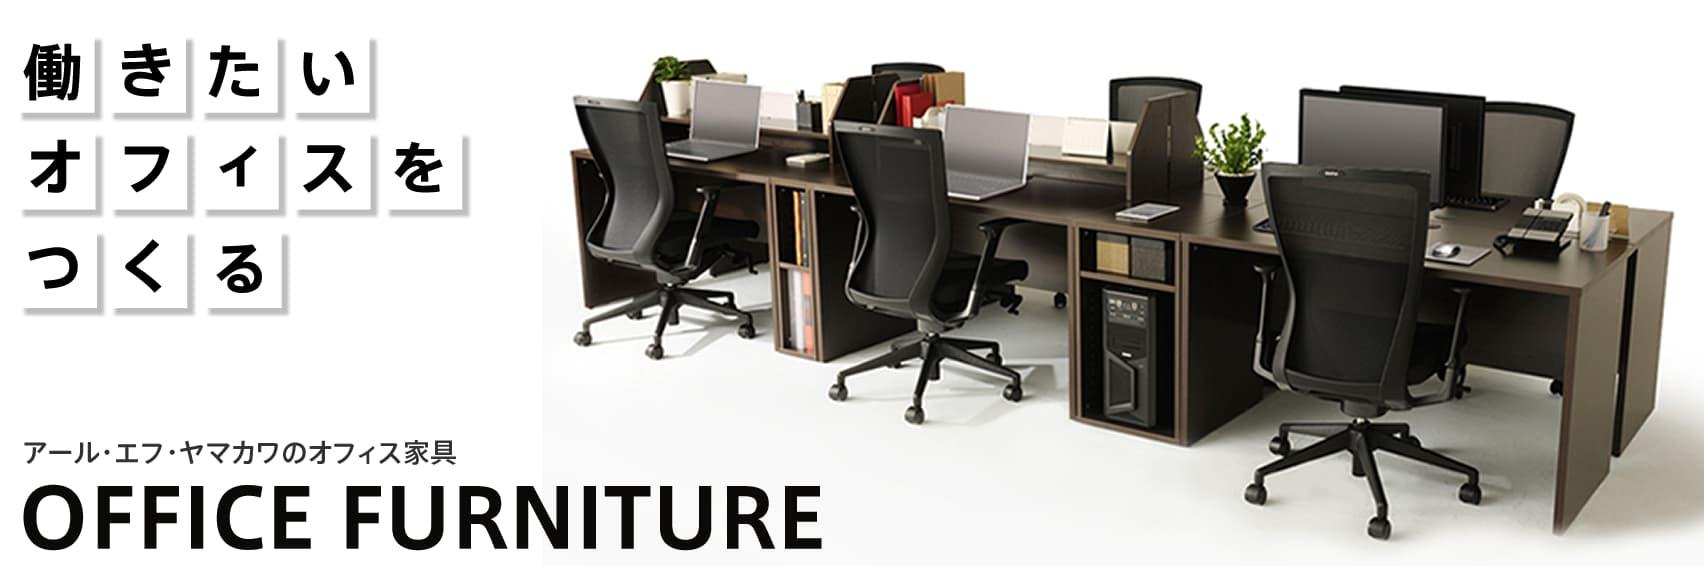 働きたいオフィスをつくる。アール・エフ・ヤマカワのオフィス家具